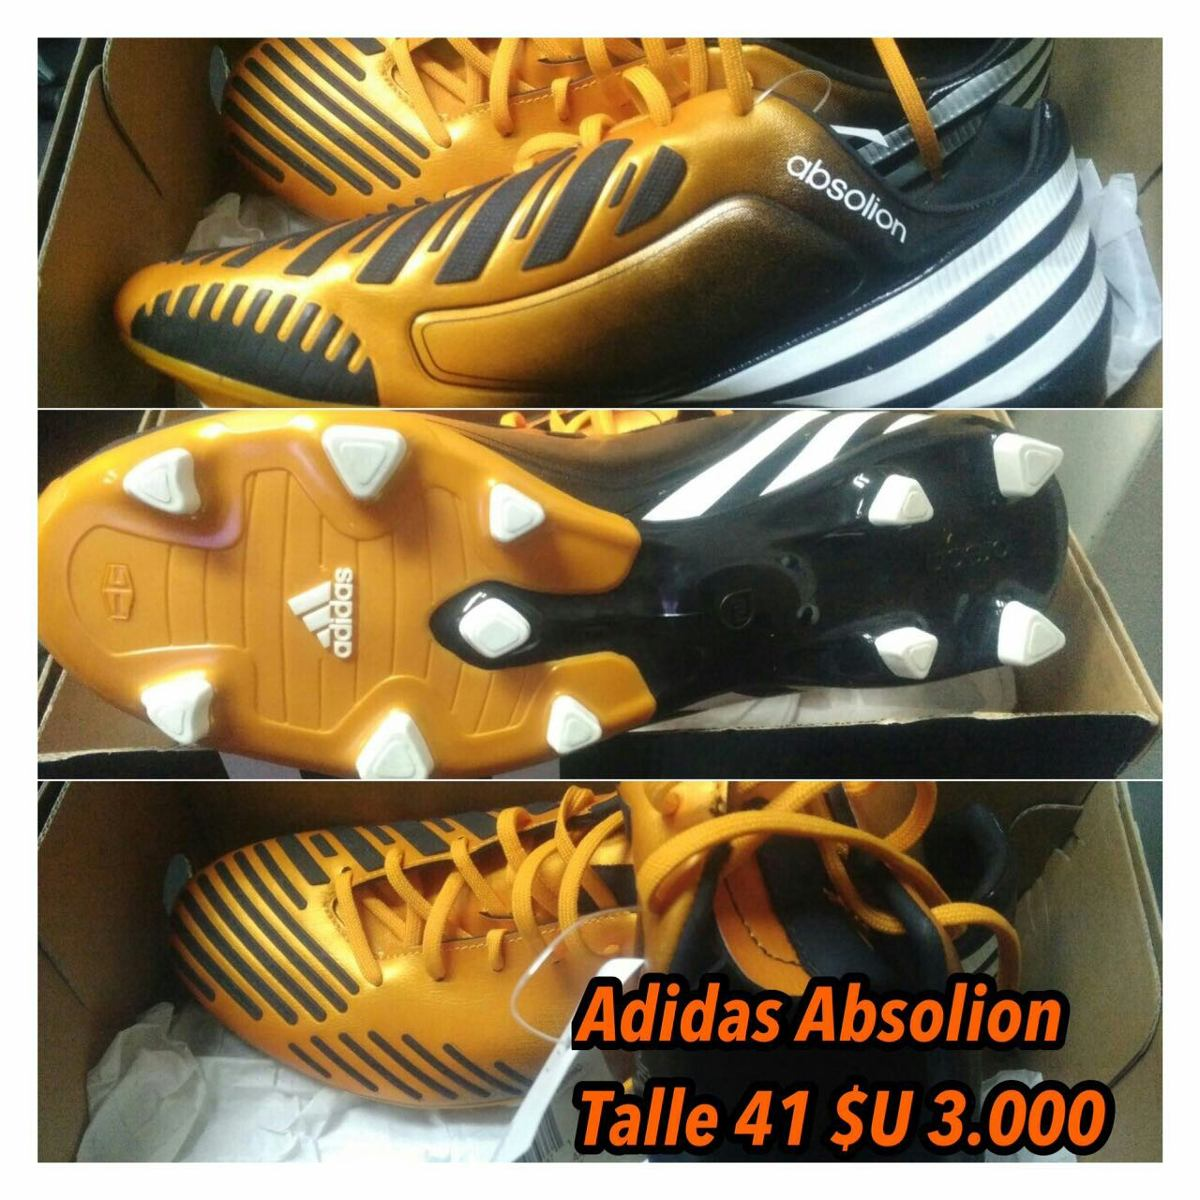 825582570f7af zapatos de futbol adidas predator absolion talle 9.5. Cargando zoom.